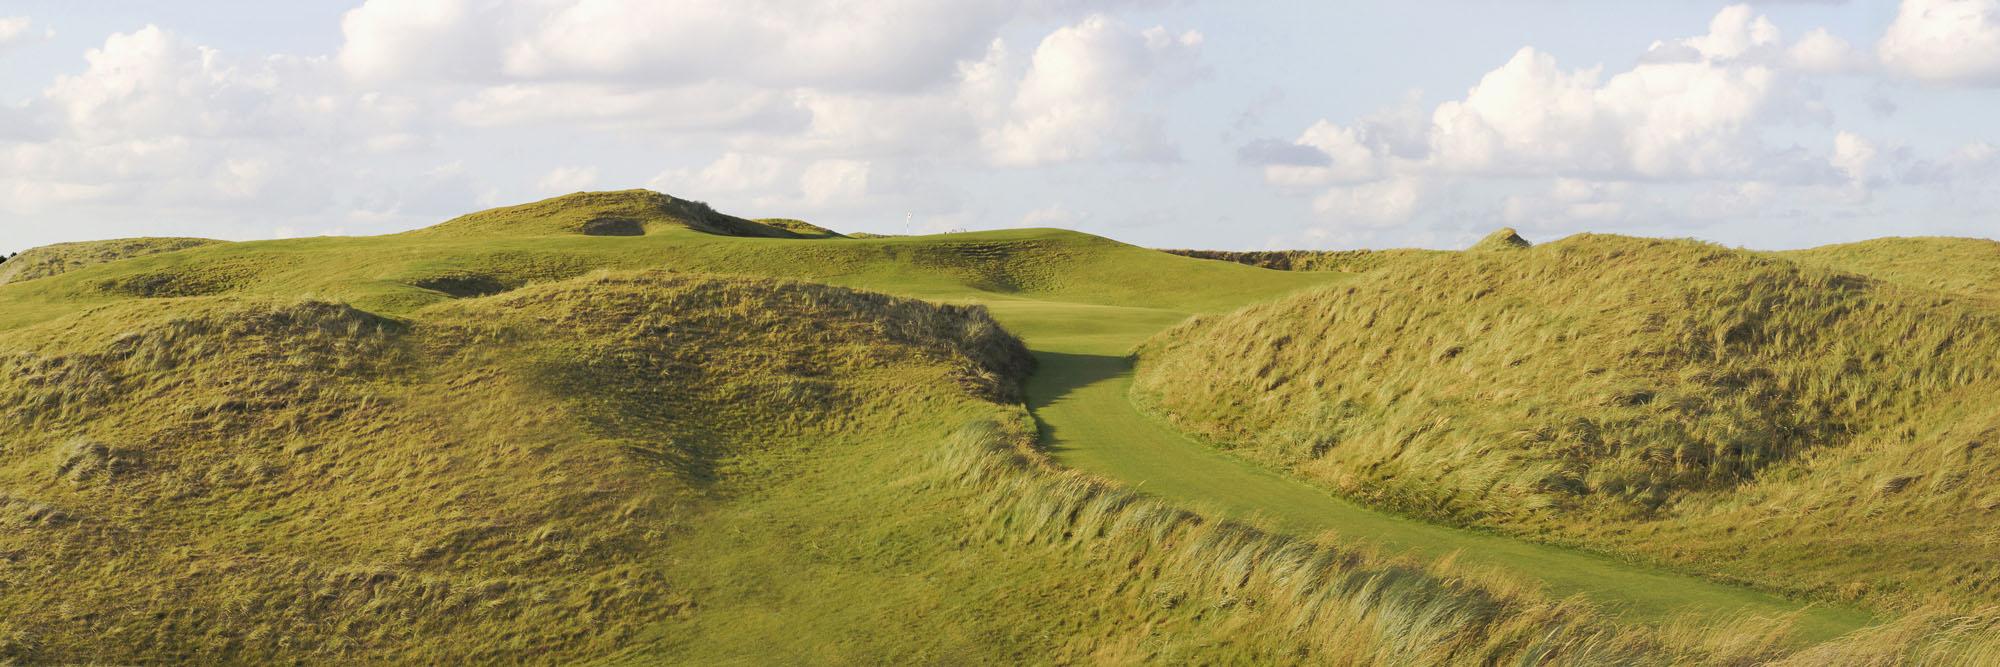 Golf Course Image - Ballybunion No. 12